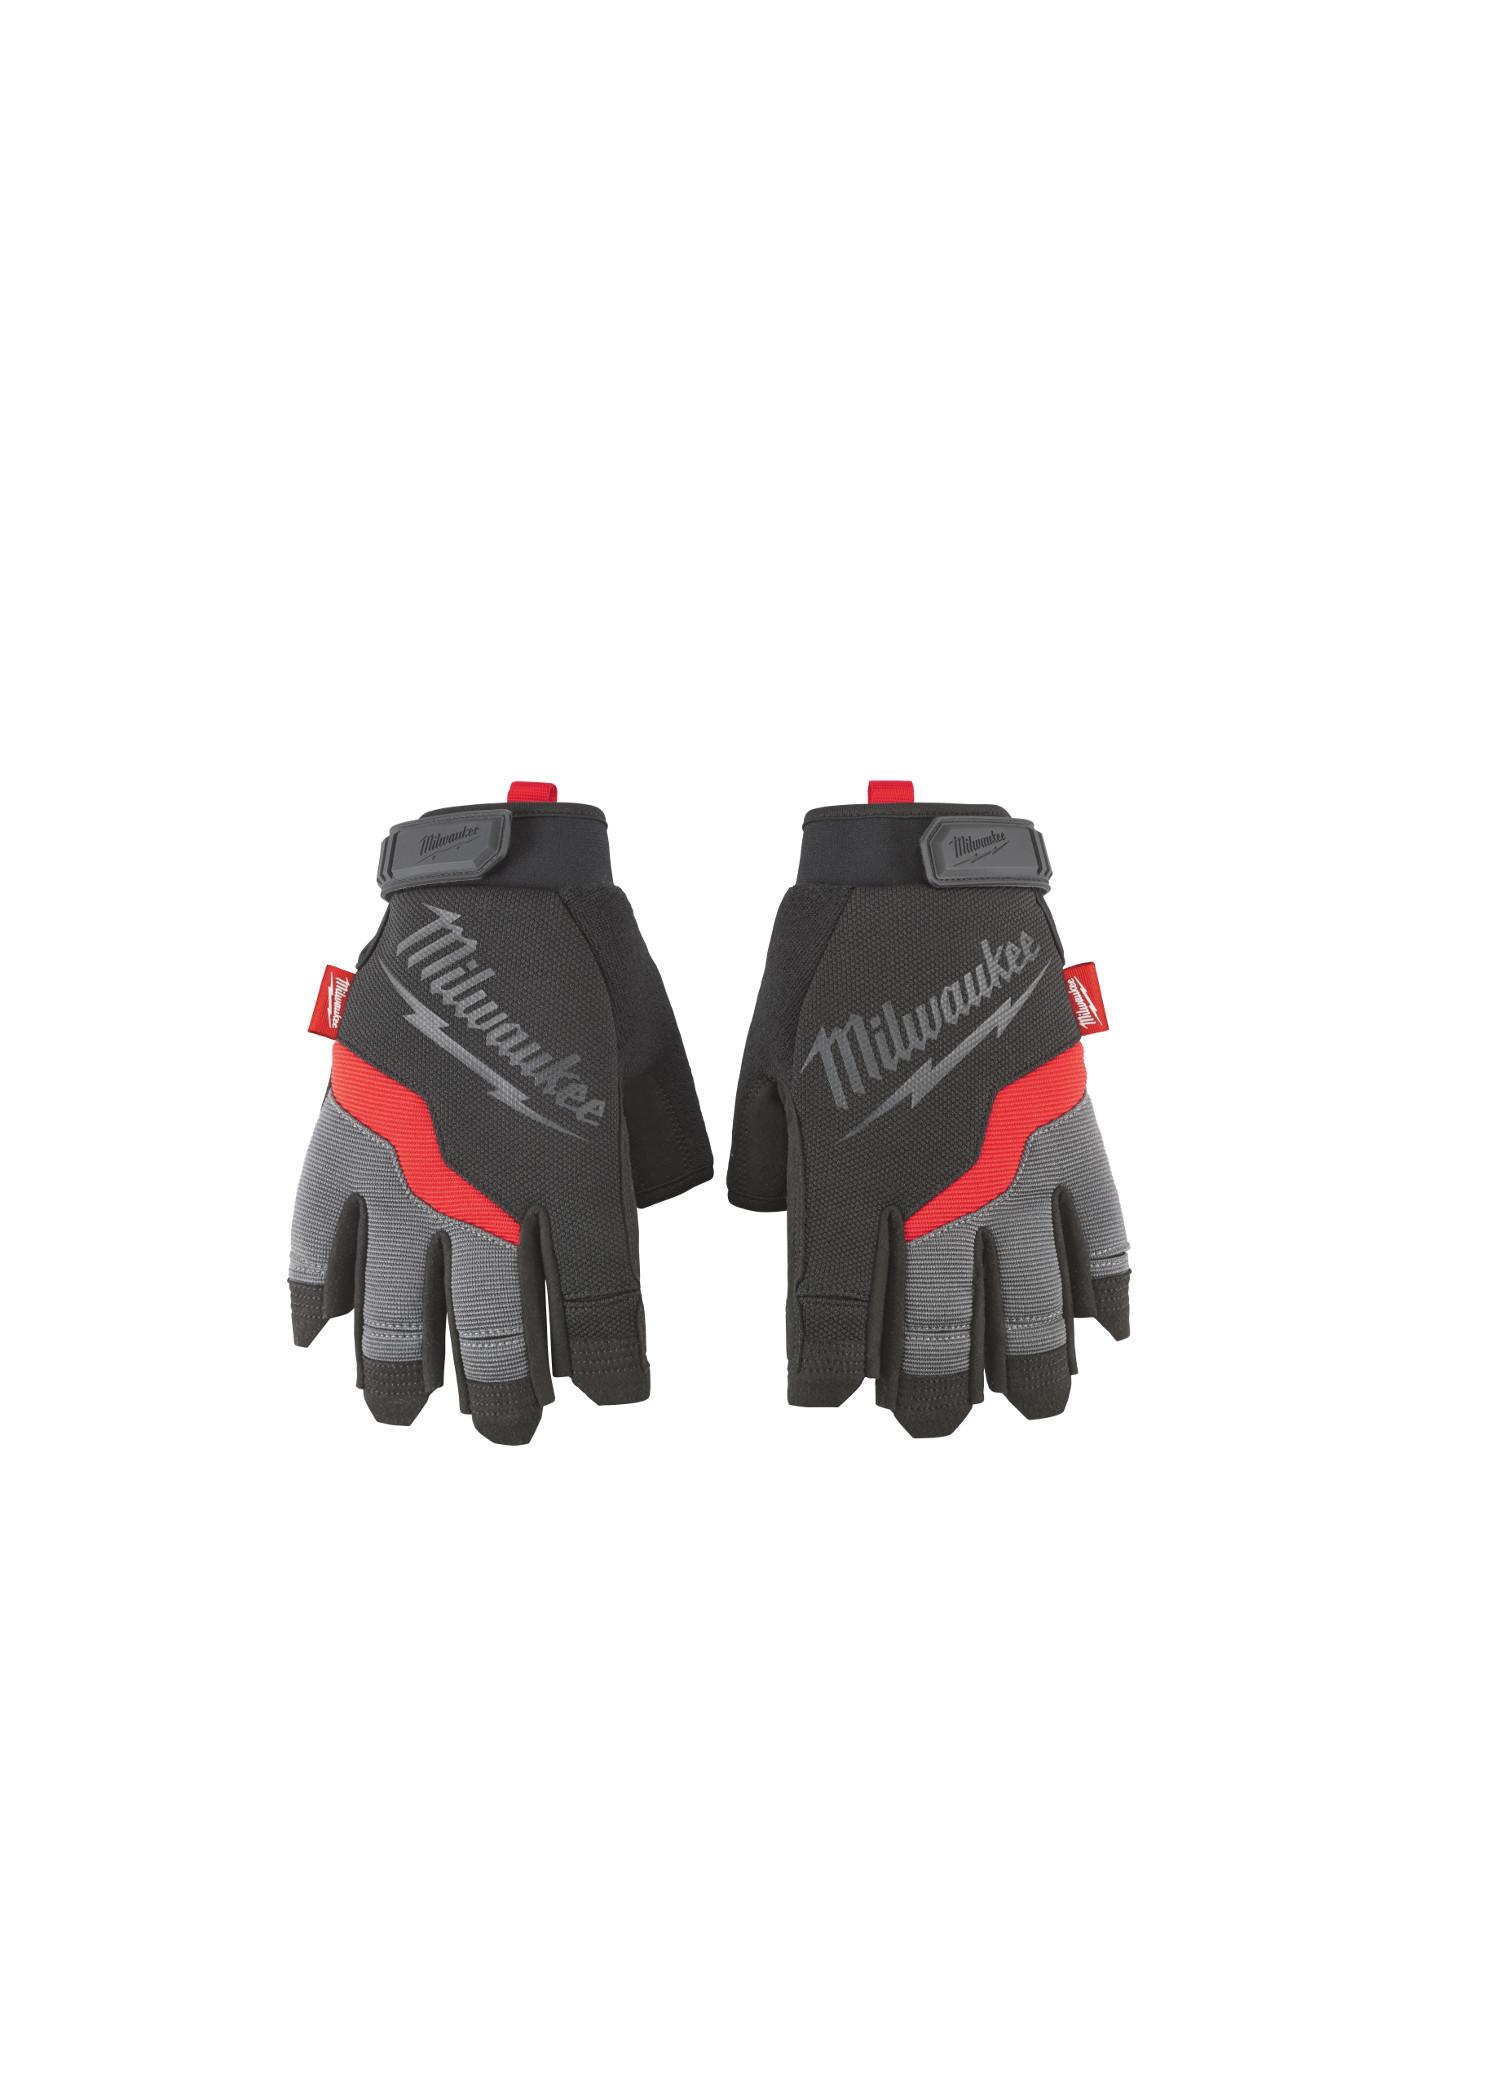 Milwaukee 48-22-8742 Fingerless Work Gloves  L